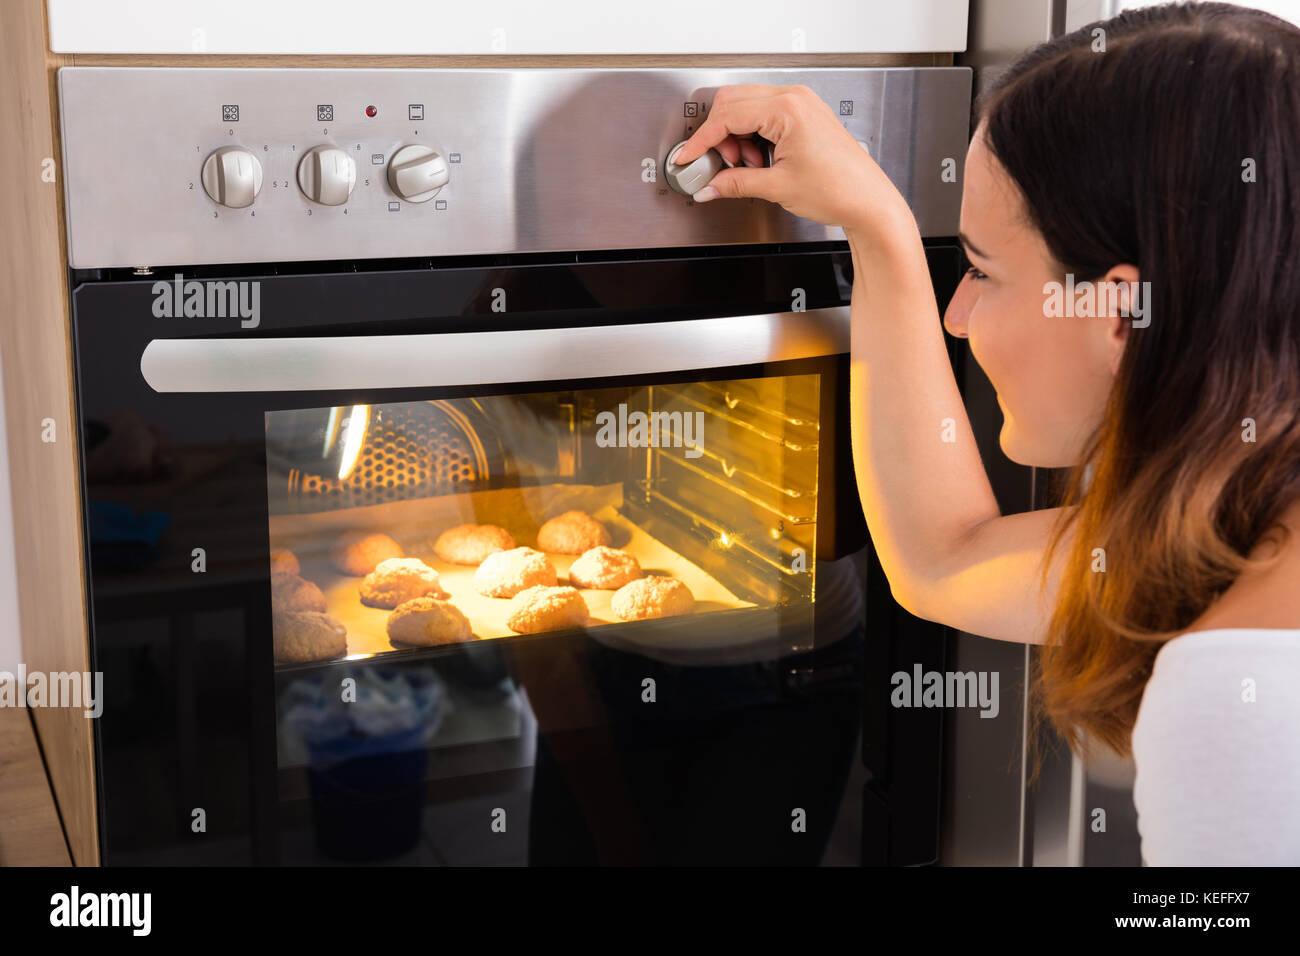 Junge Frau Mit Mikrowelle Ofen Zum Backen Frische Platzchen In Der